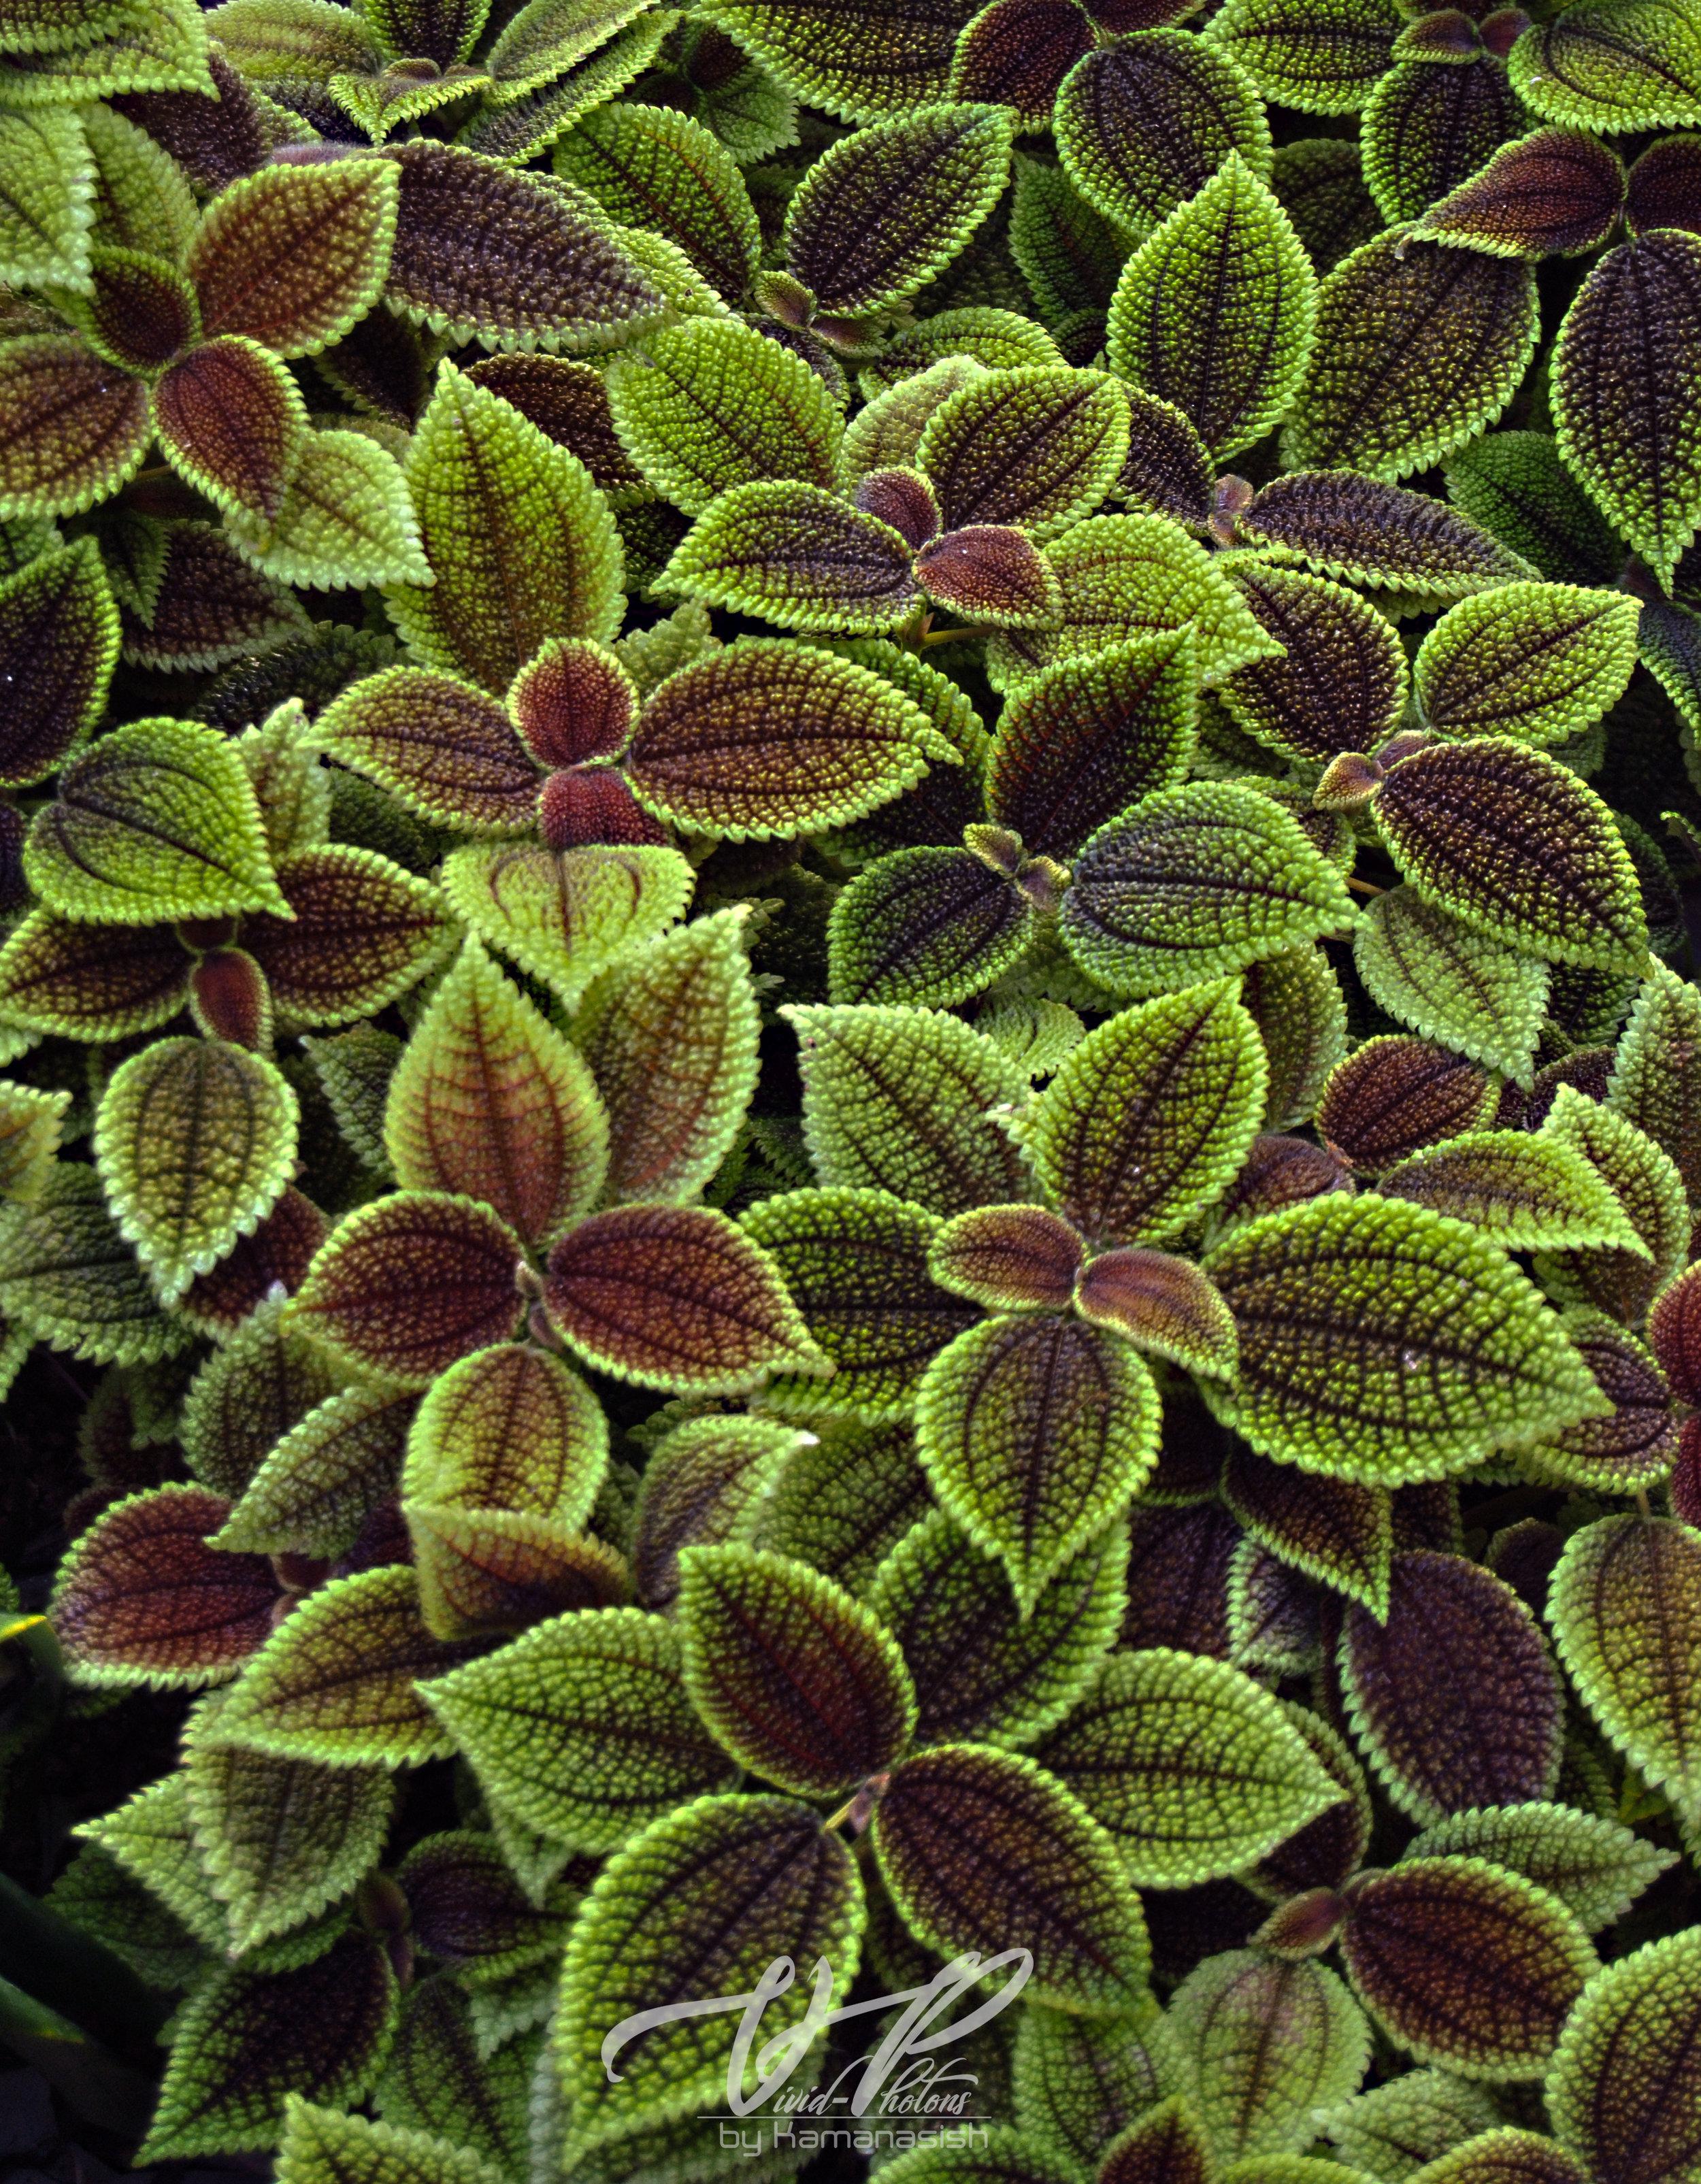 leaves_jpg.jpg